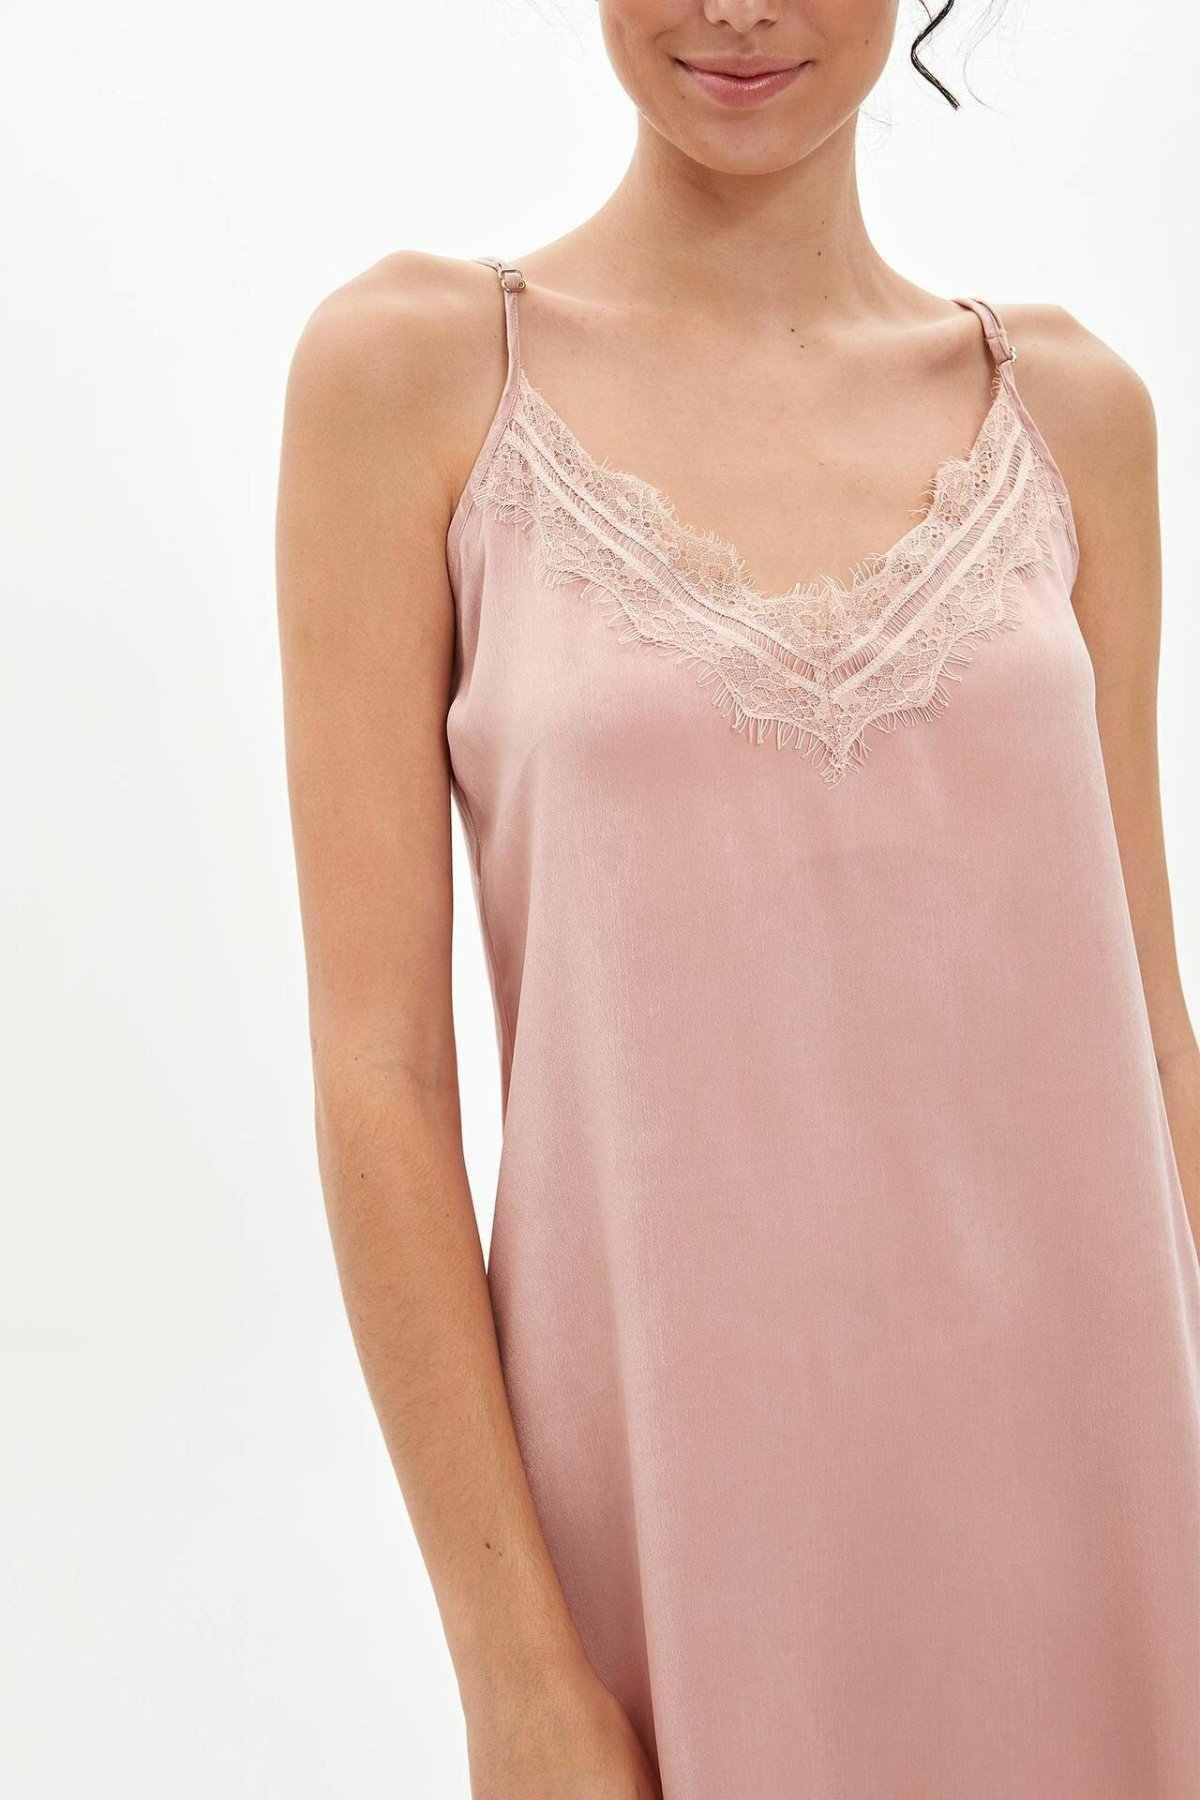 Moda de hecho de encaje ropa de casa con cuello en V señoras Sexy Sling mujer tejido noche pijamas femenino Rosa pijamas comodidad verano-M5455AZ19AU